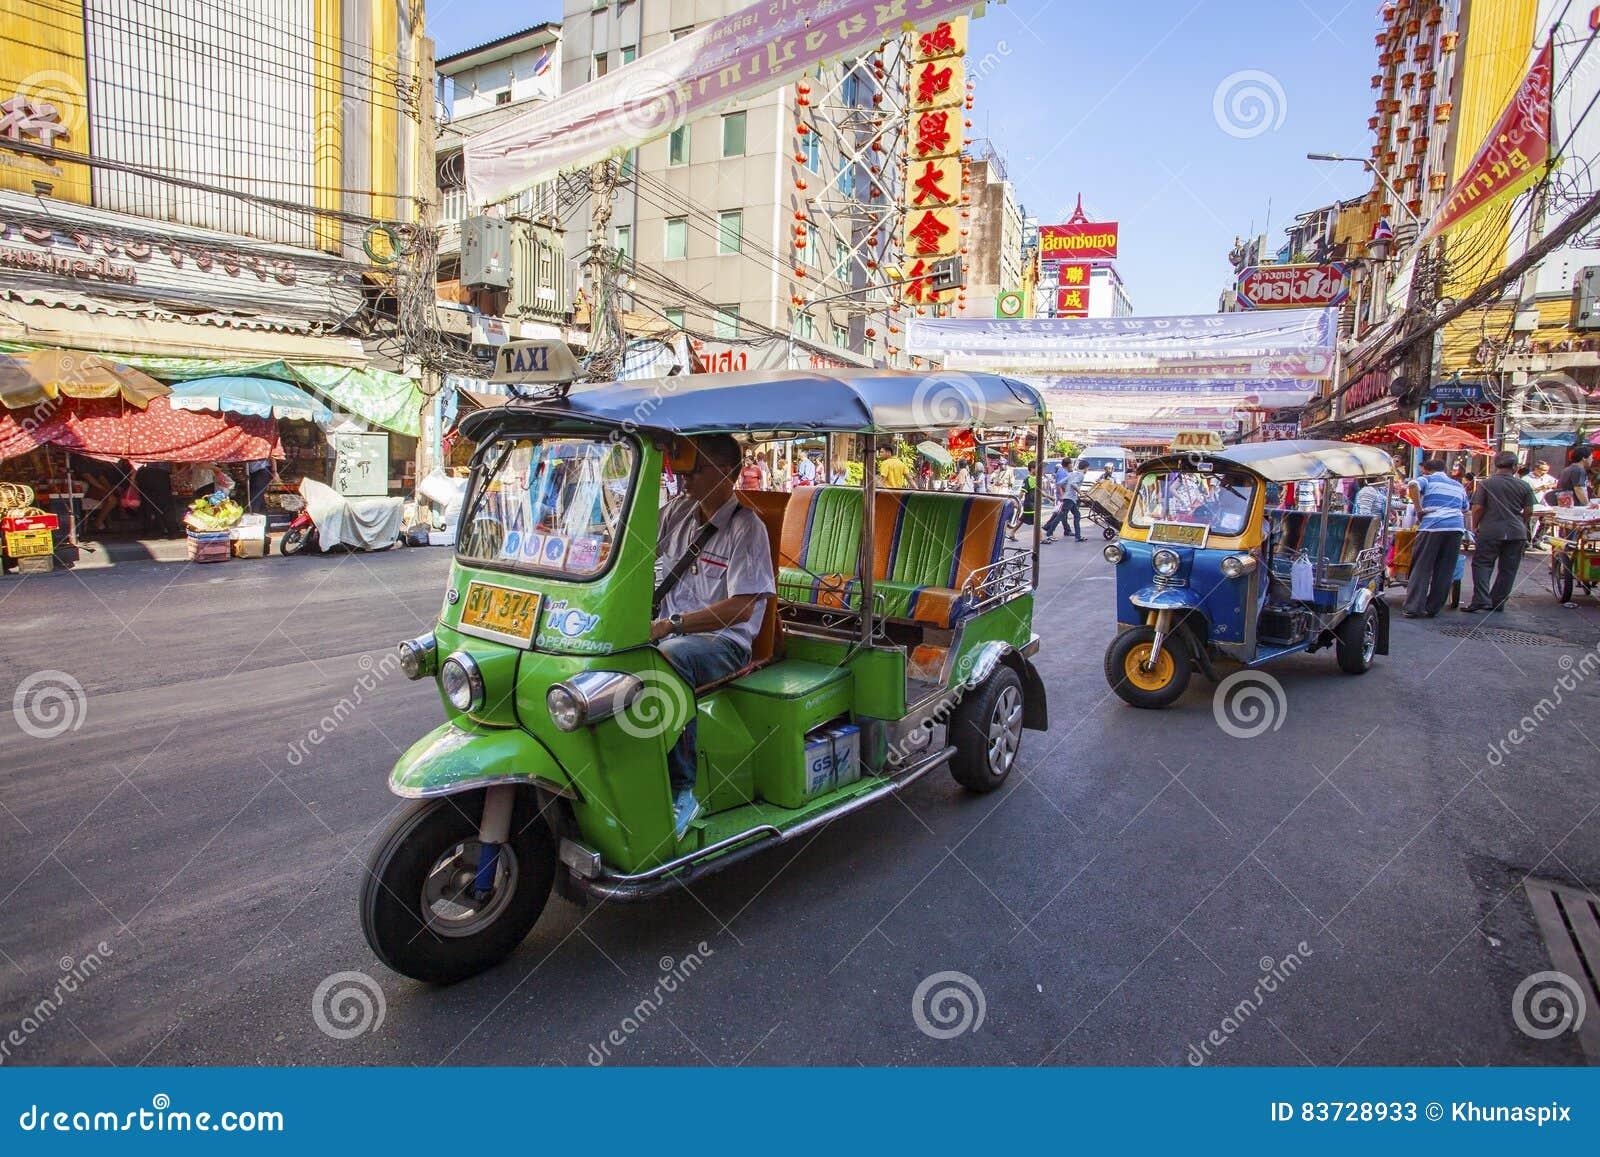 THAILAND BANGKOK - FEB 24 : TukTuk car on traffic in Yaowarat